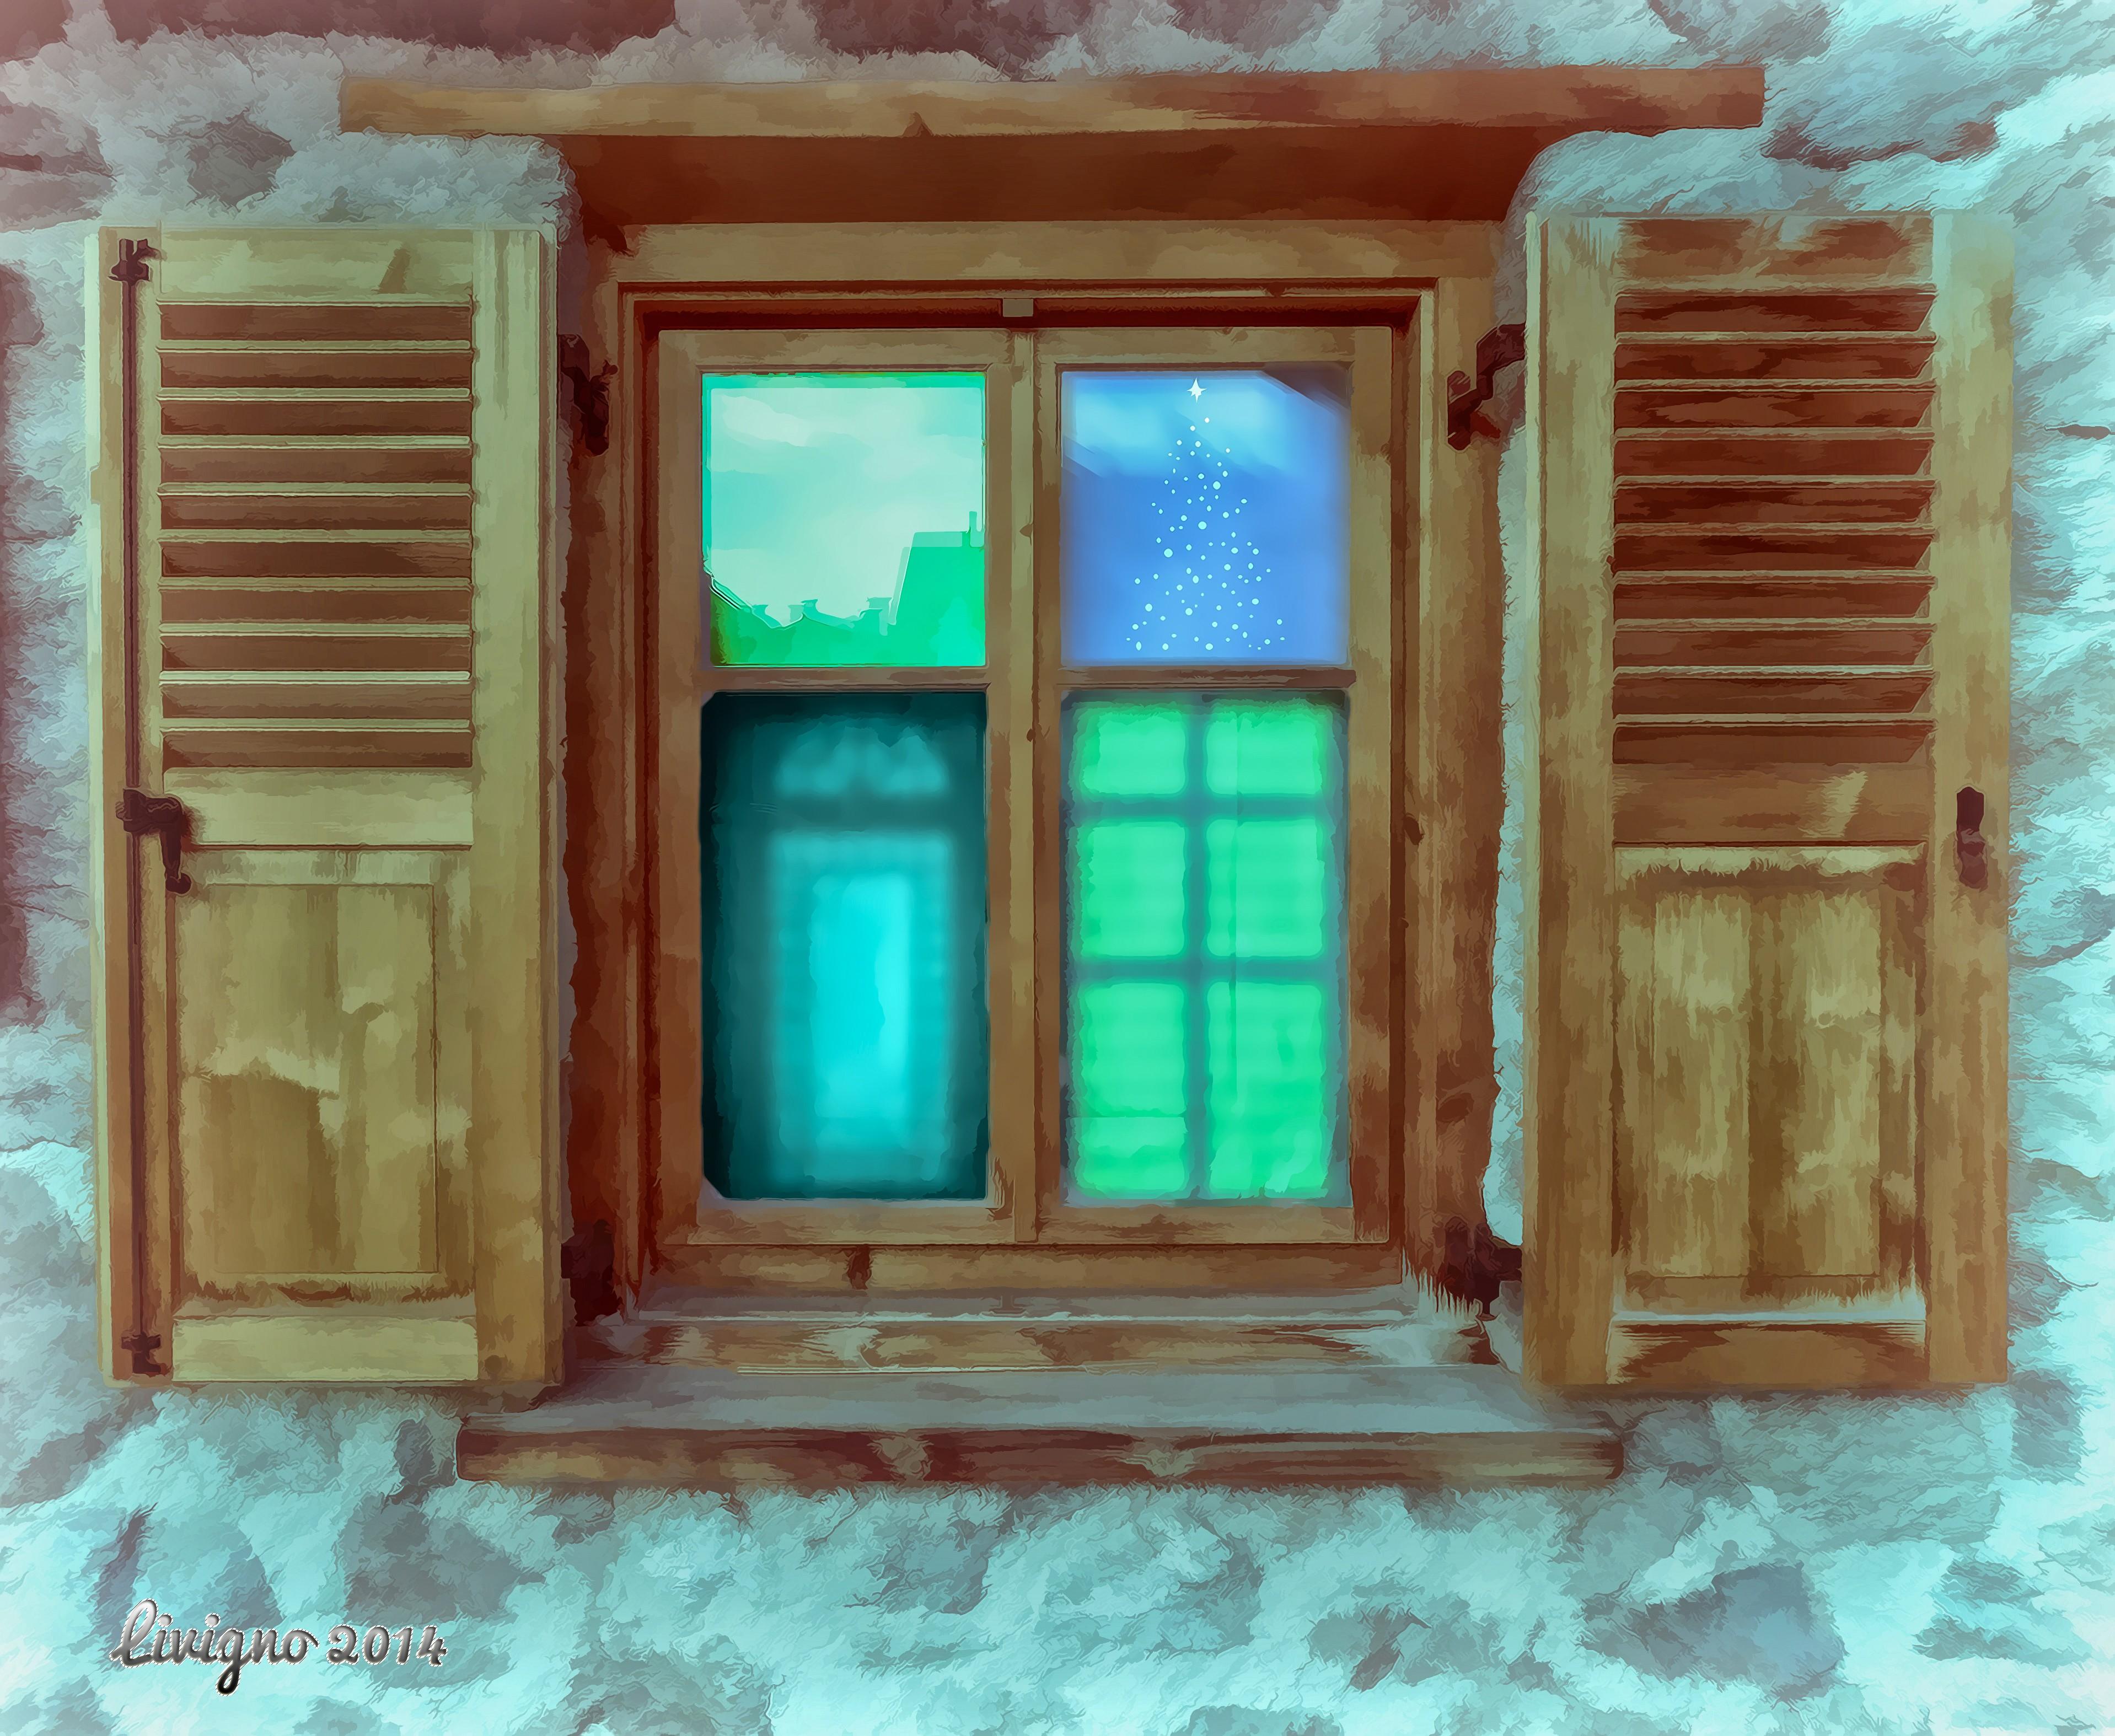 Fondos de pantalla : habitación, pared, casa, Panoramas, puerta ...